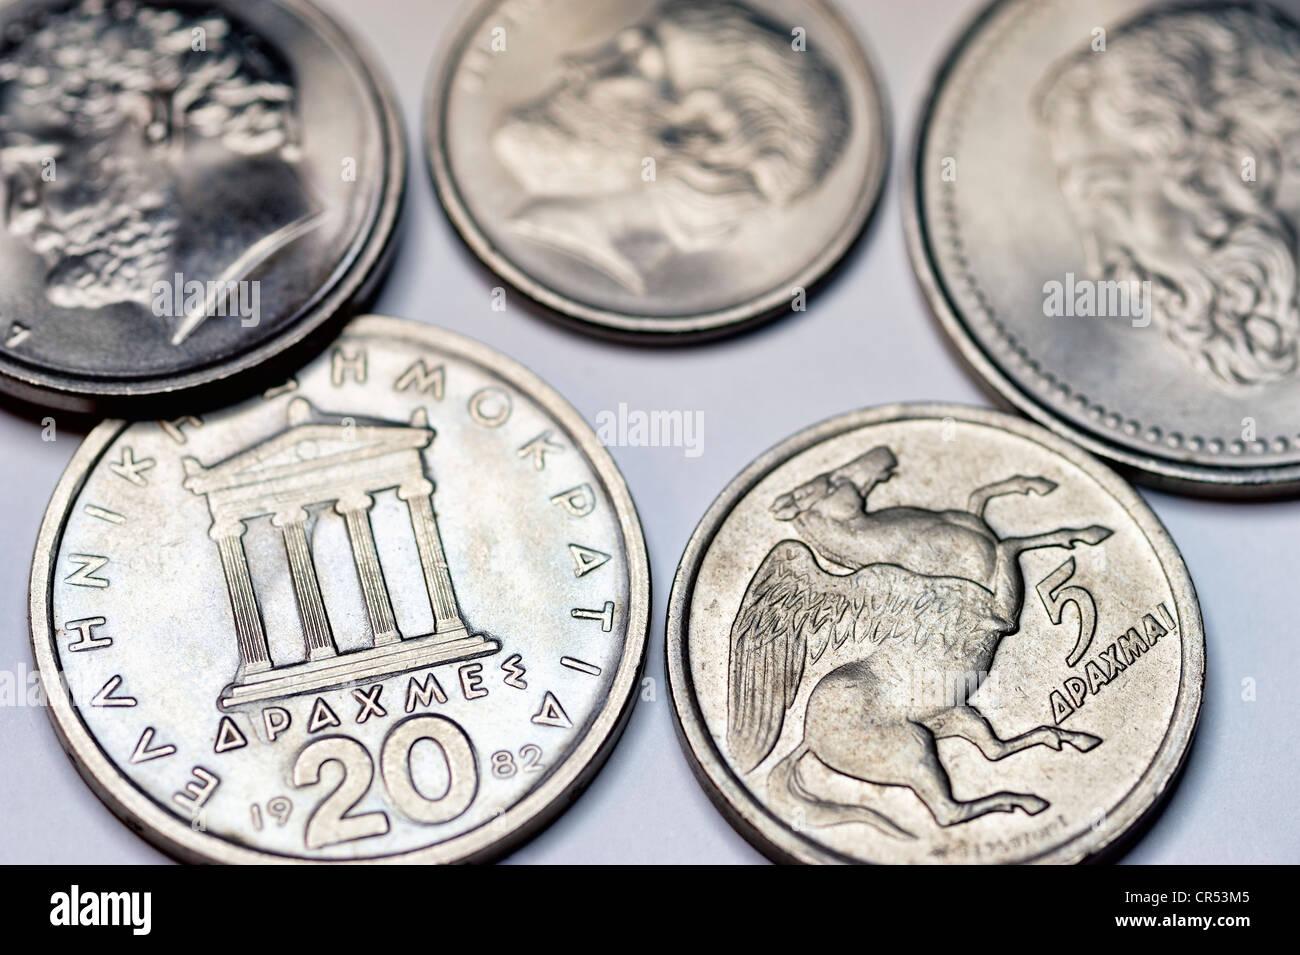 Greek drachmas - Stock Image